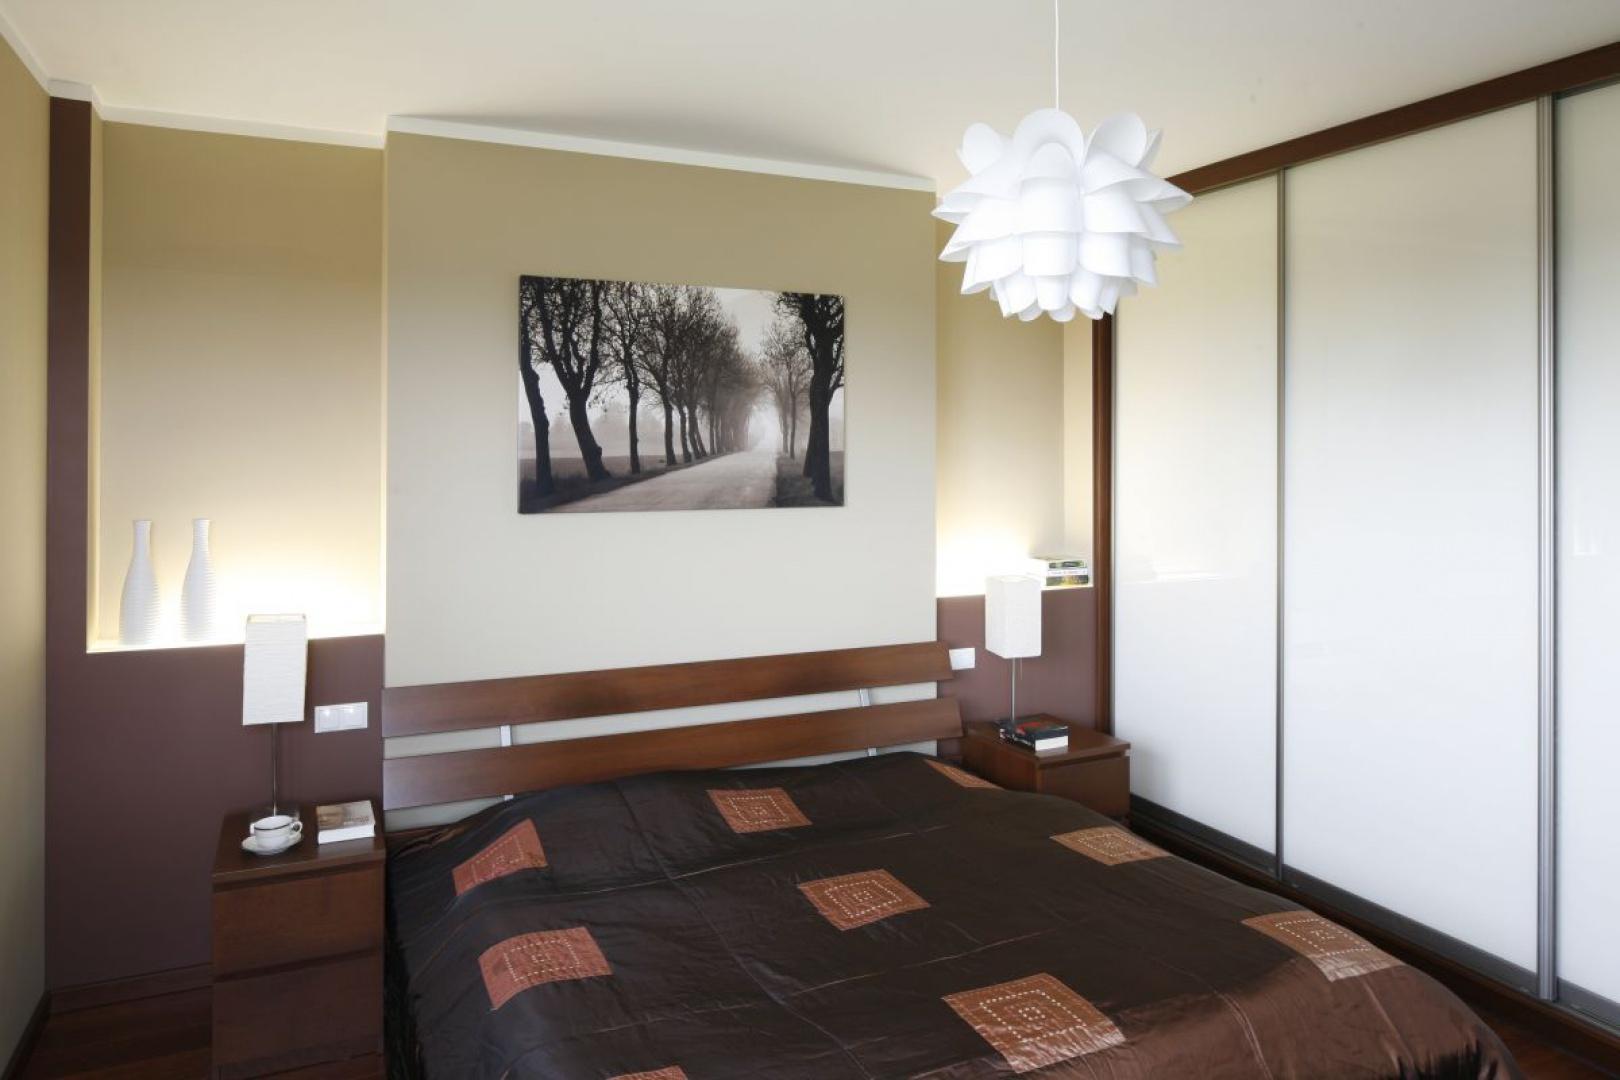 Sypialnia została urządzona bardzo funkcjonalnie. Wygodne łóżko, praktyczne stoliki nocne, pojemna zabudowa, spójne oświetlenie oraz spokojna kolorystyka tworzą ponadczasowe wnętrze. Fot. Bartosz Jarosz.